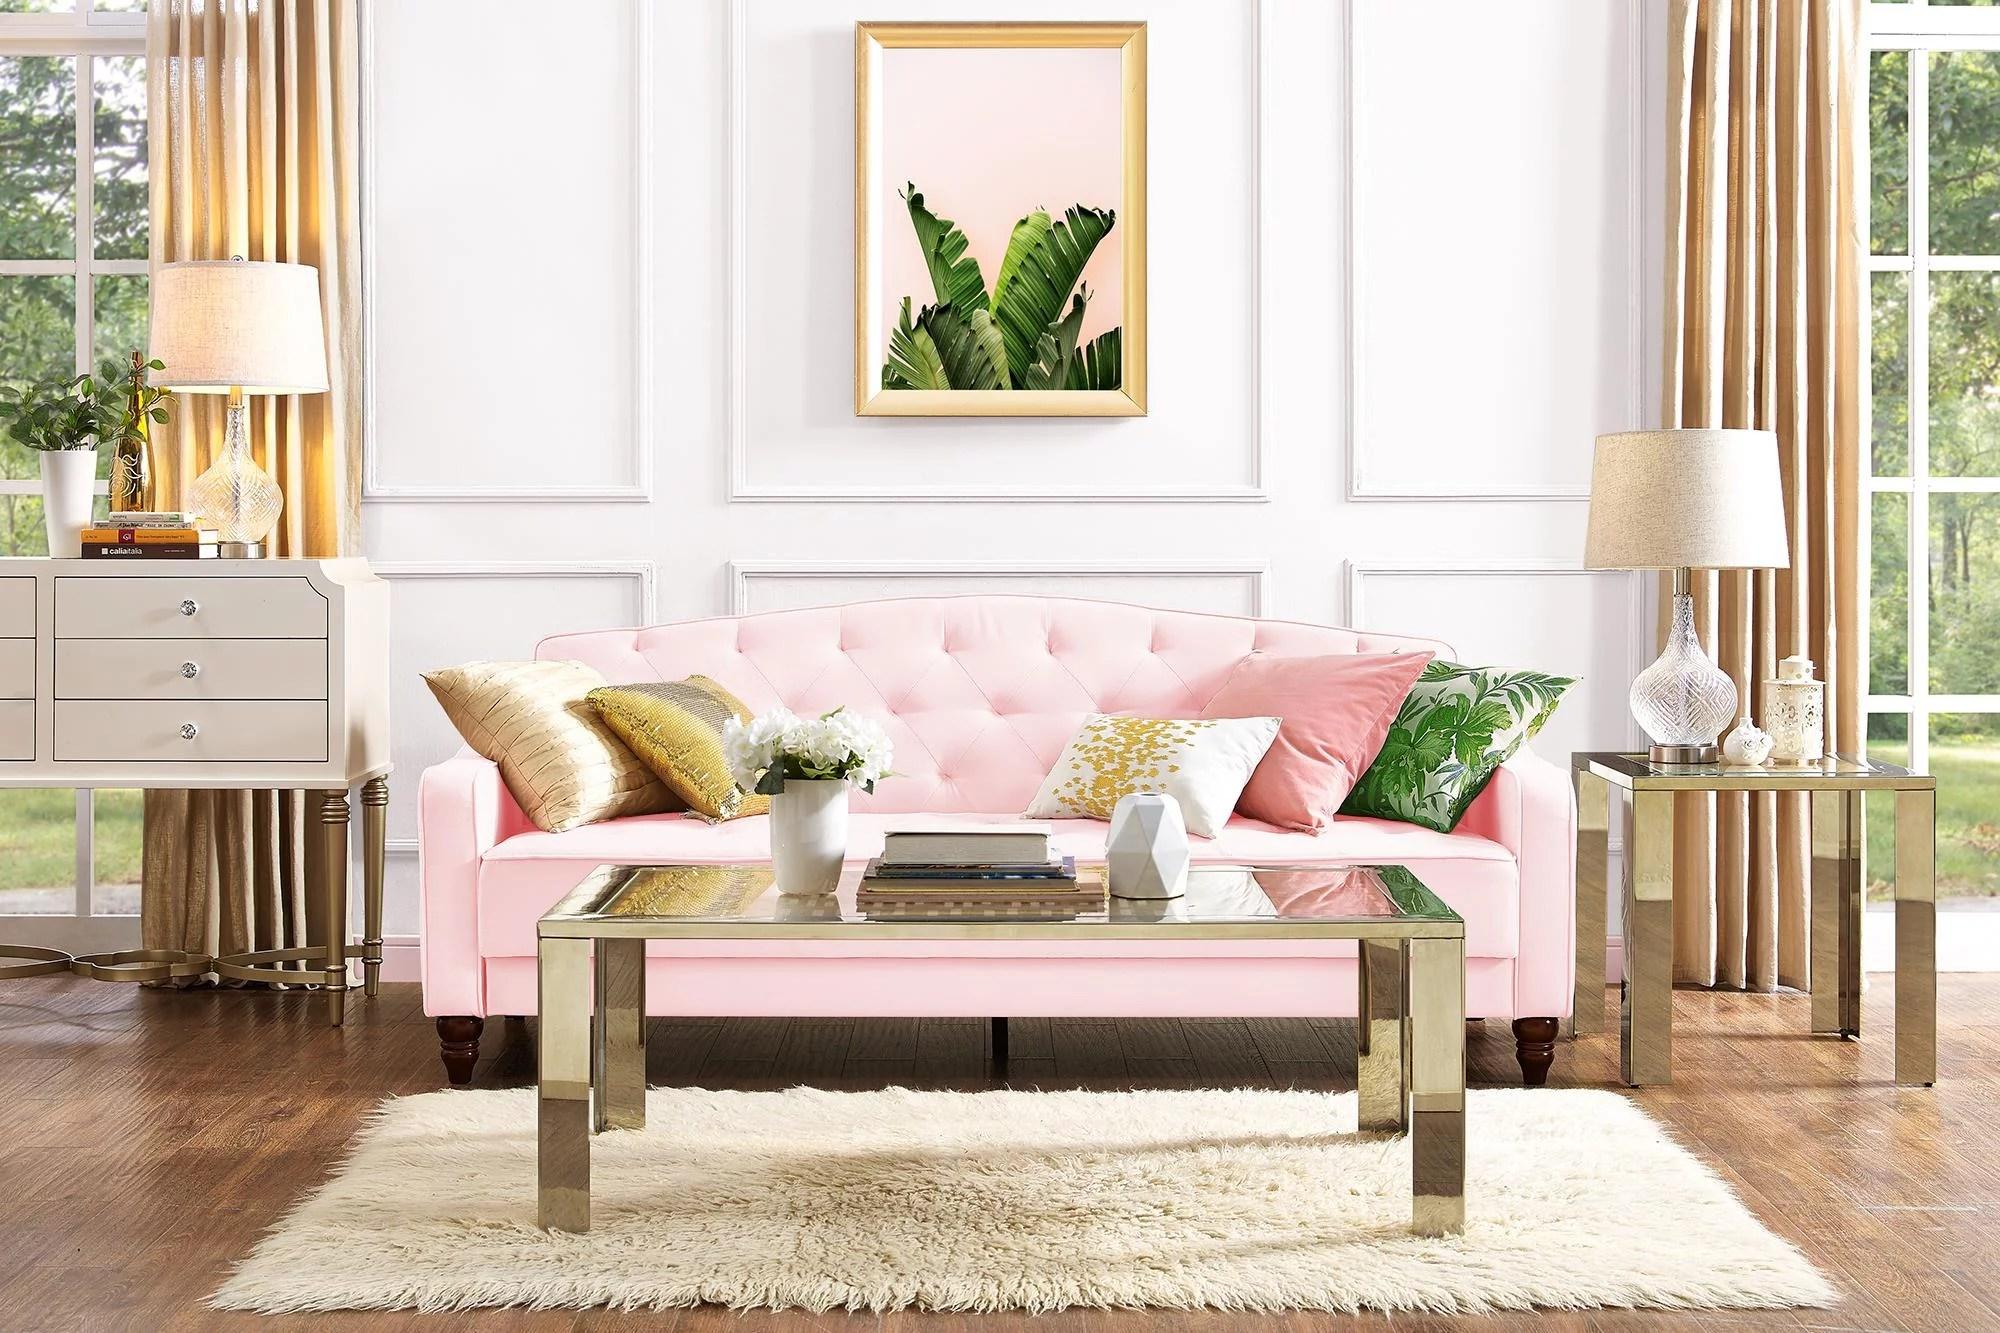 best novogratz couches at walmart